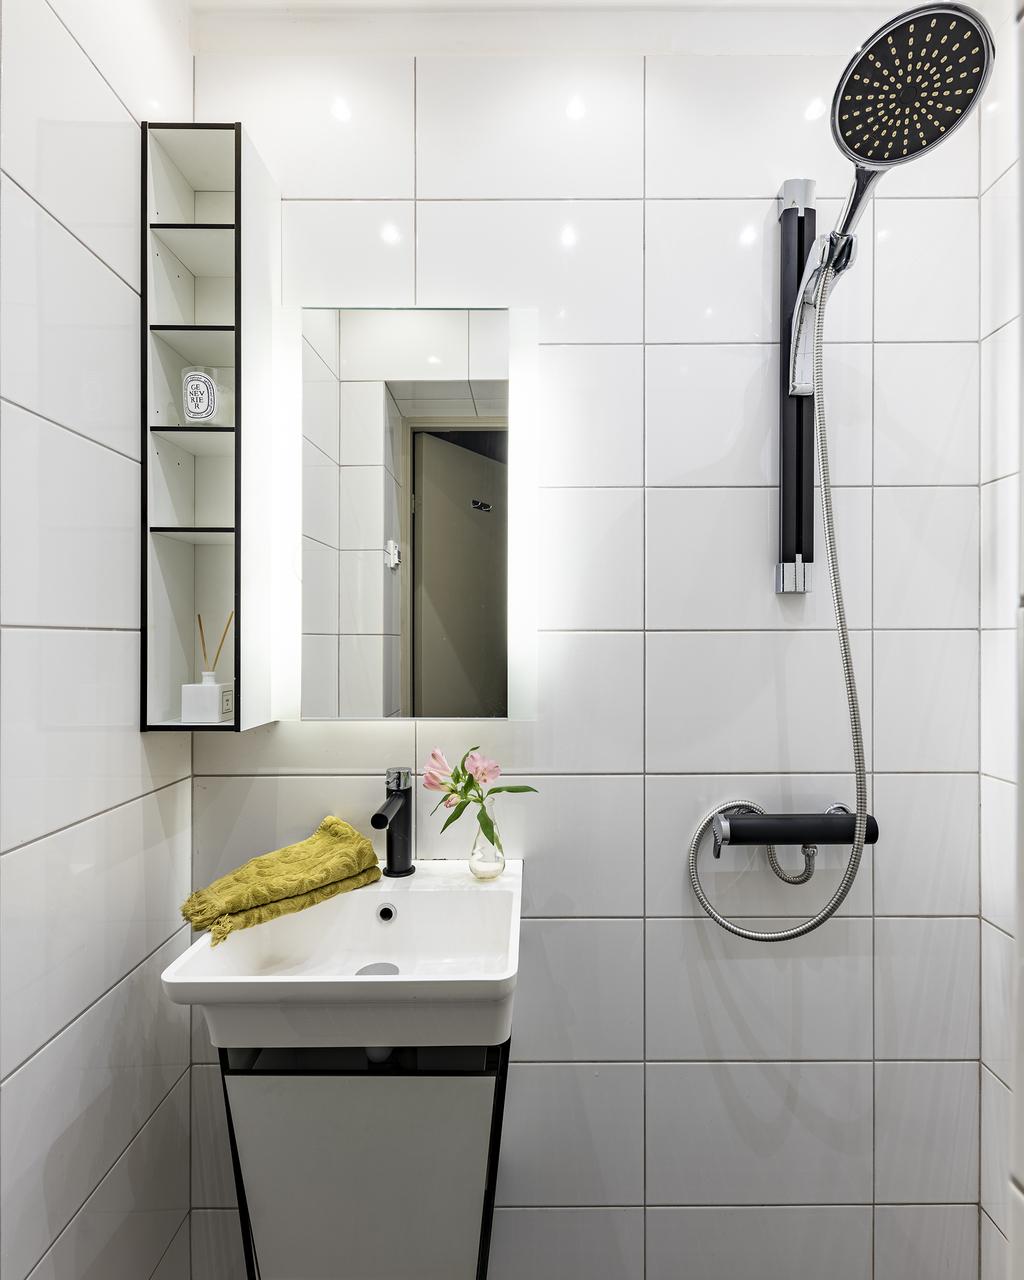 Dusch med handfat på kommod med förvaring inuti